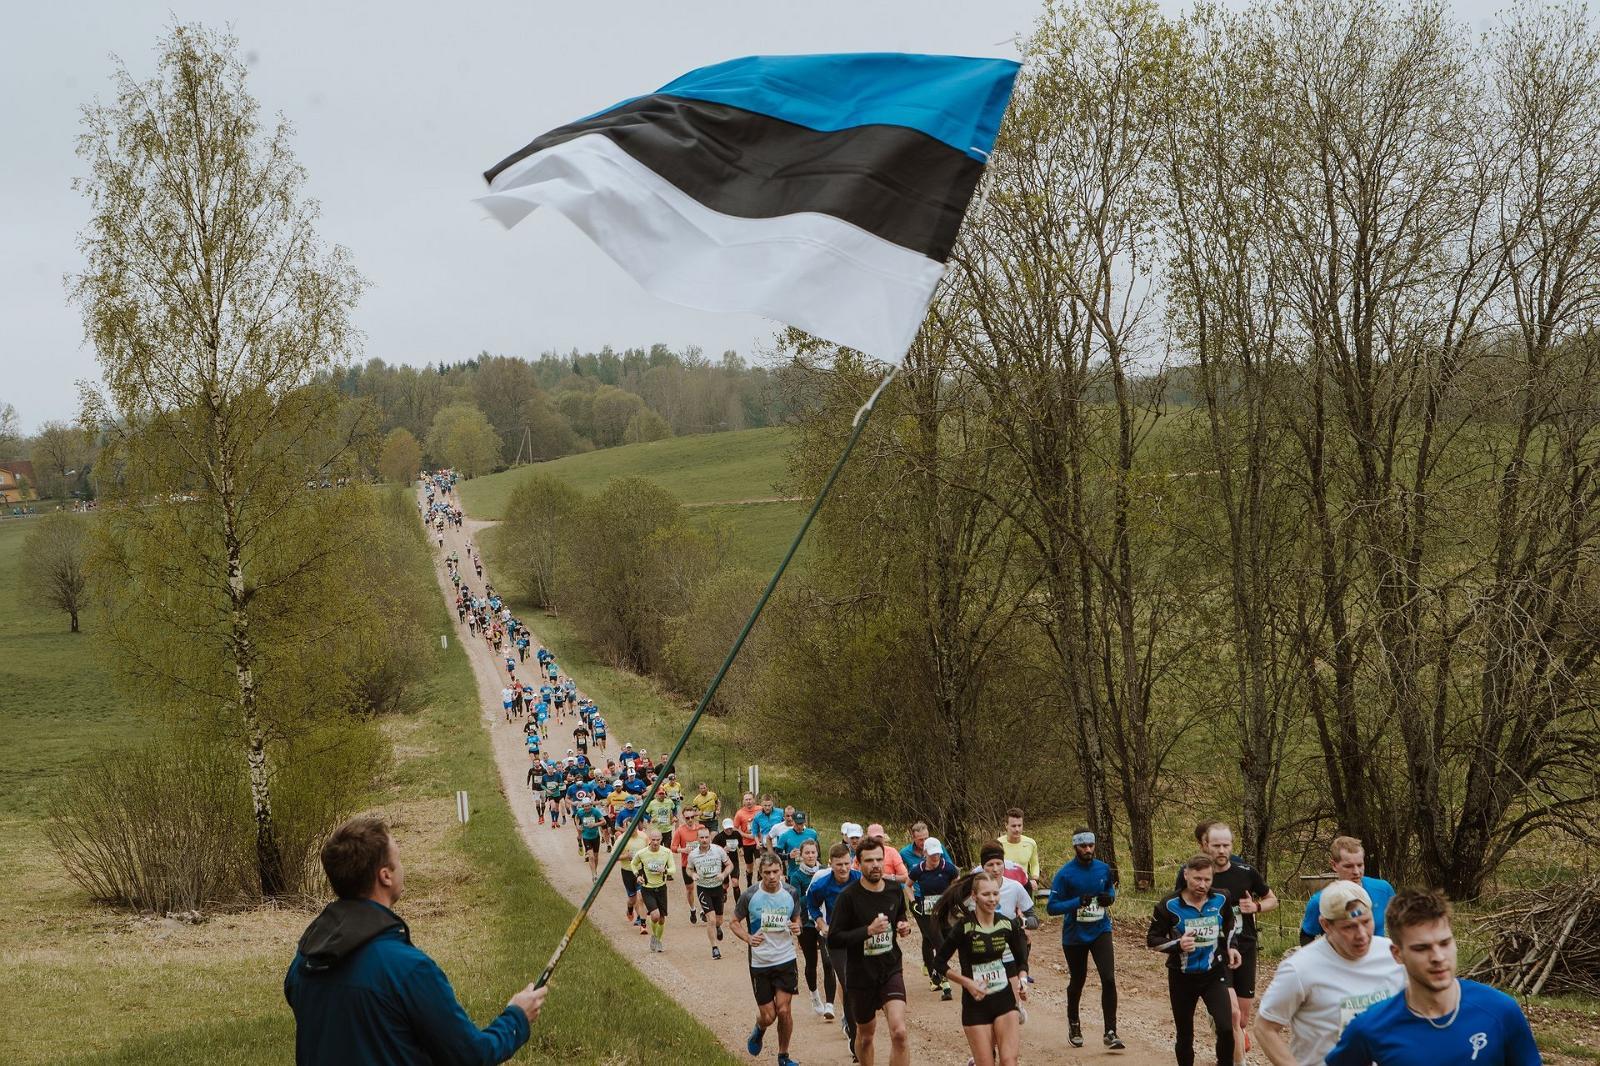 Tartu Forest Marathon, virtual children's runs